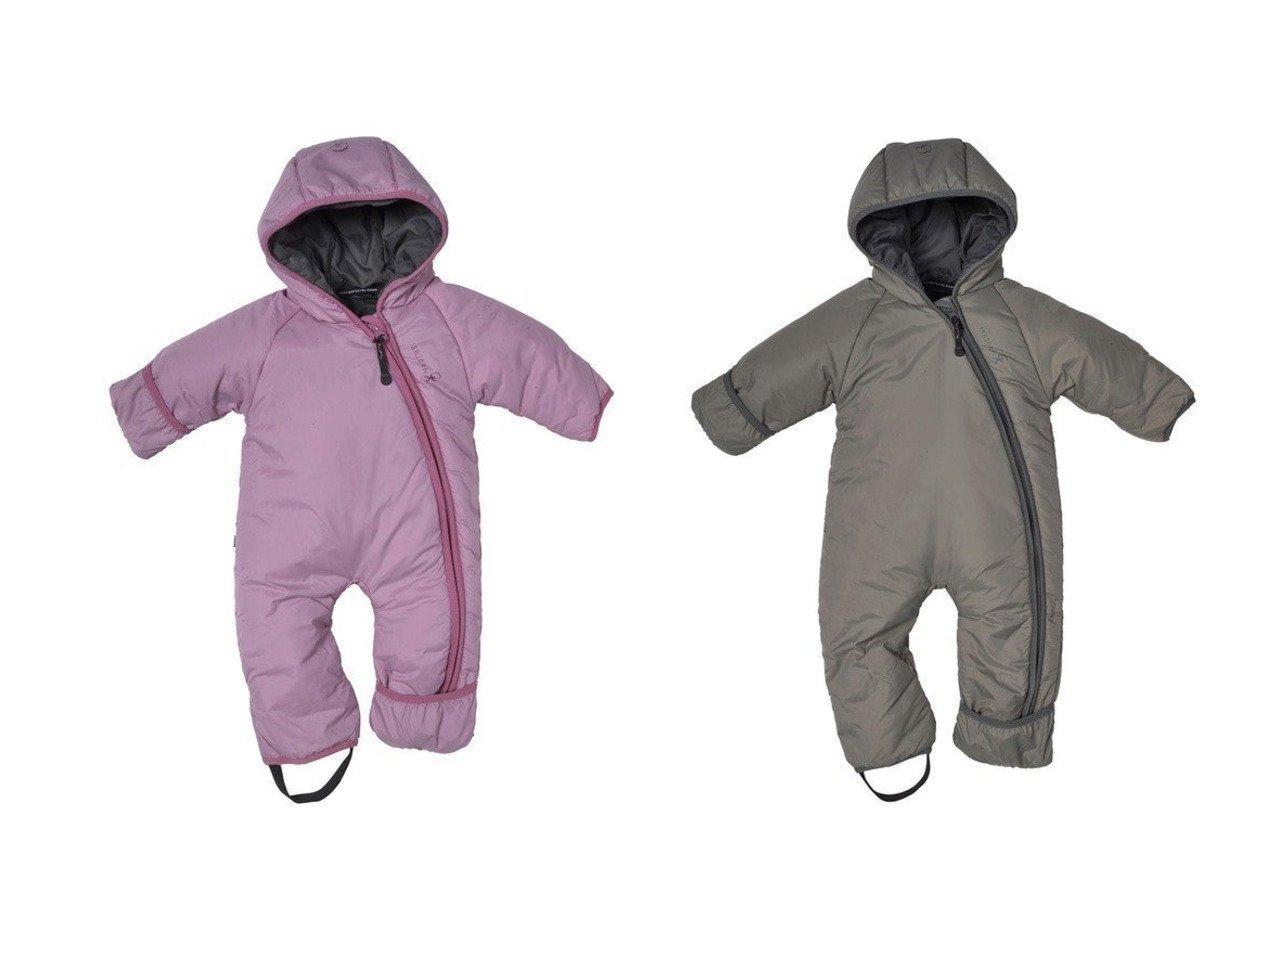 【PeakPerformance / MEN/ピークパフォーマンス】のISBJORN【中綿入り】Frost Baby Jumpsuit 【BABY】ベビー服のおすすめ!人気、キッズファッションの通販  おすすめで人気の流行・トレンド、ファッションの通販商品 メンズファッション・キッズファッション・インテリア・家具・レディースファッション・服の通販 founy(ファニー) https://founy.com/ ファッション Fashion キッズファッション KIDS 送料無料 Free Shipping ジップ ダウン ベビー 軽量  ID:crp329100000013832